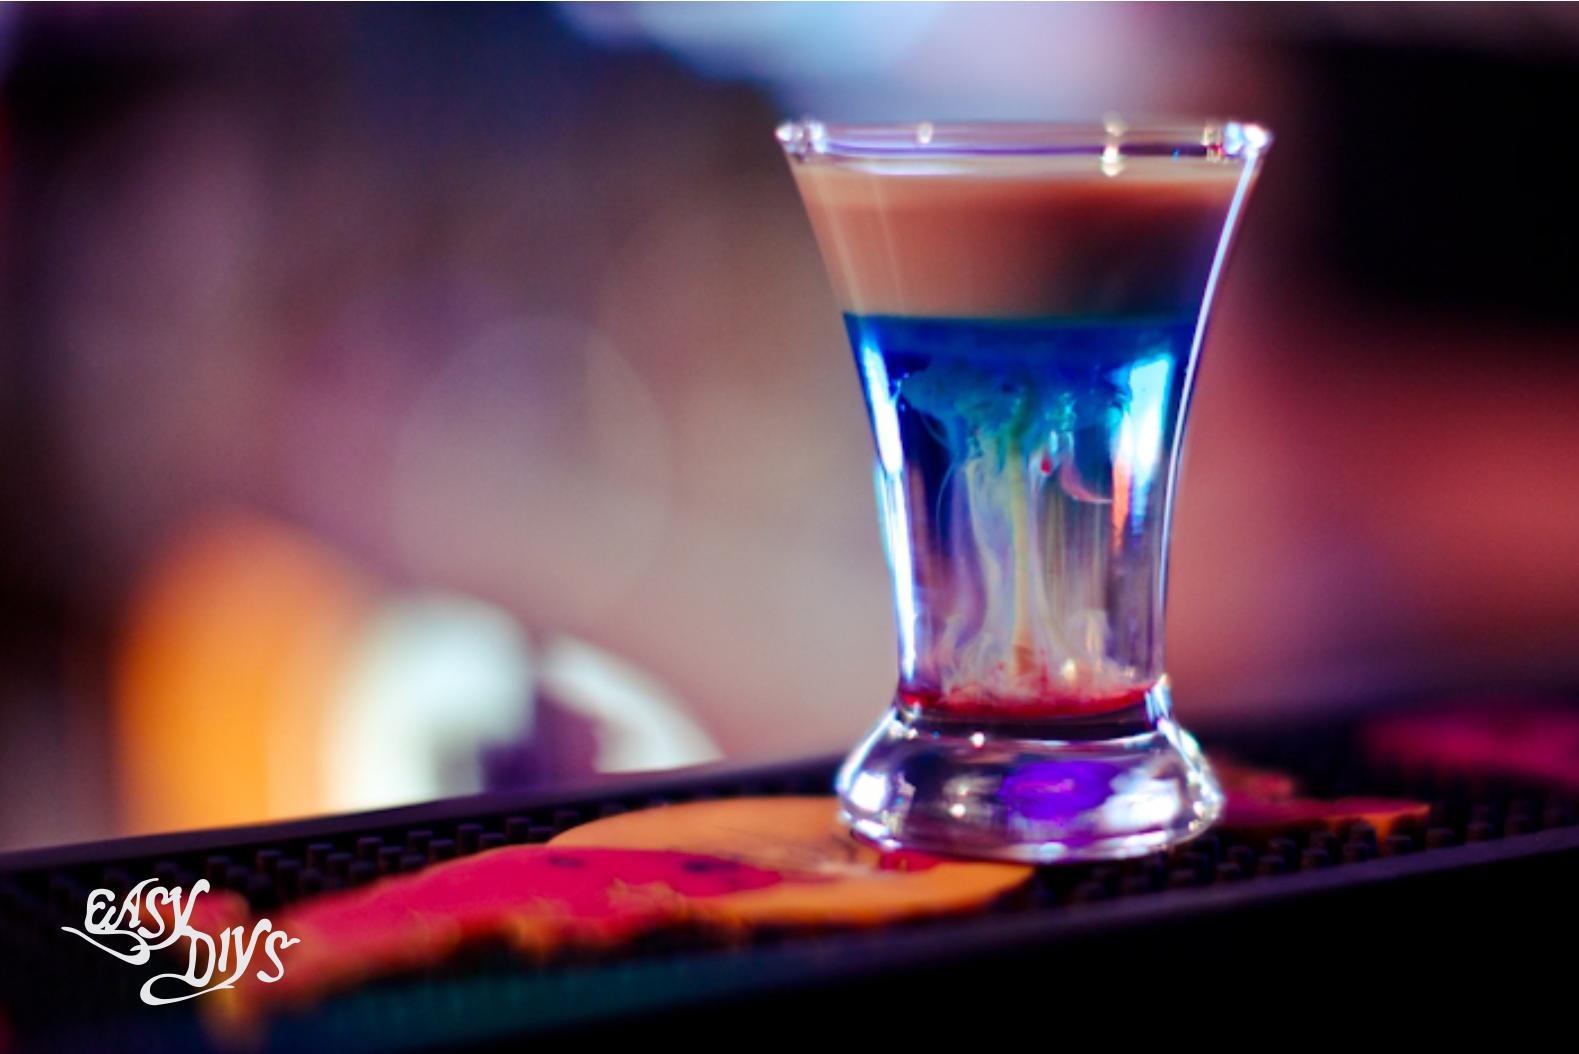 Коктейли с кампари: самые популярные рецепты со всего мира с фото. секреты приготовления в домашних условиях от барменов!